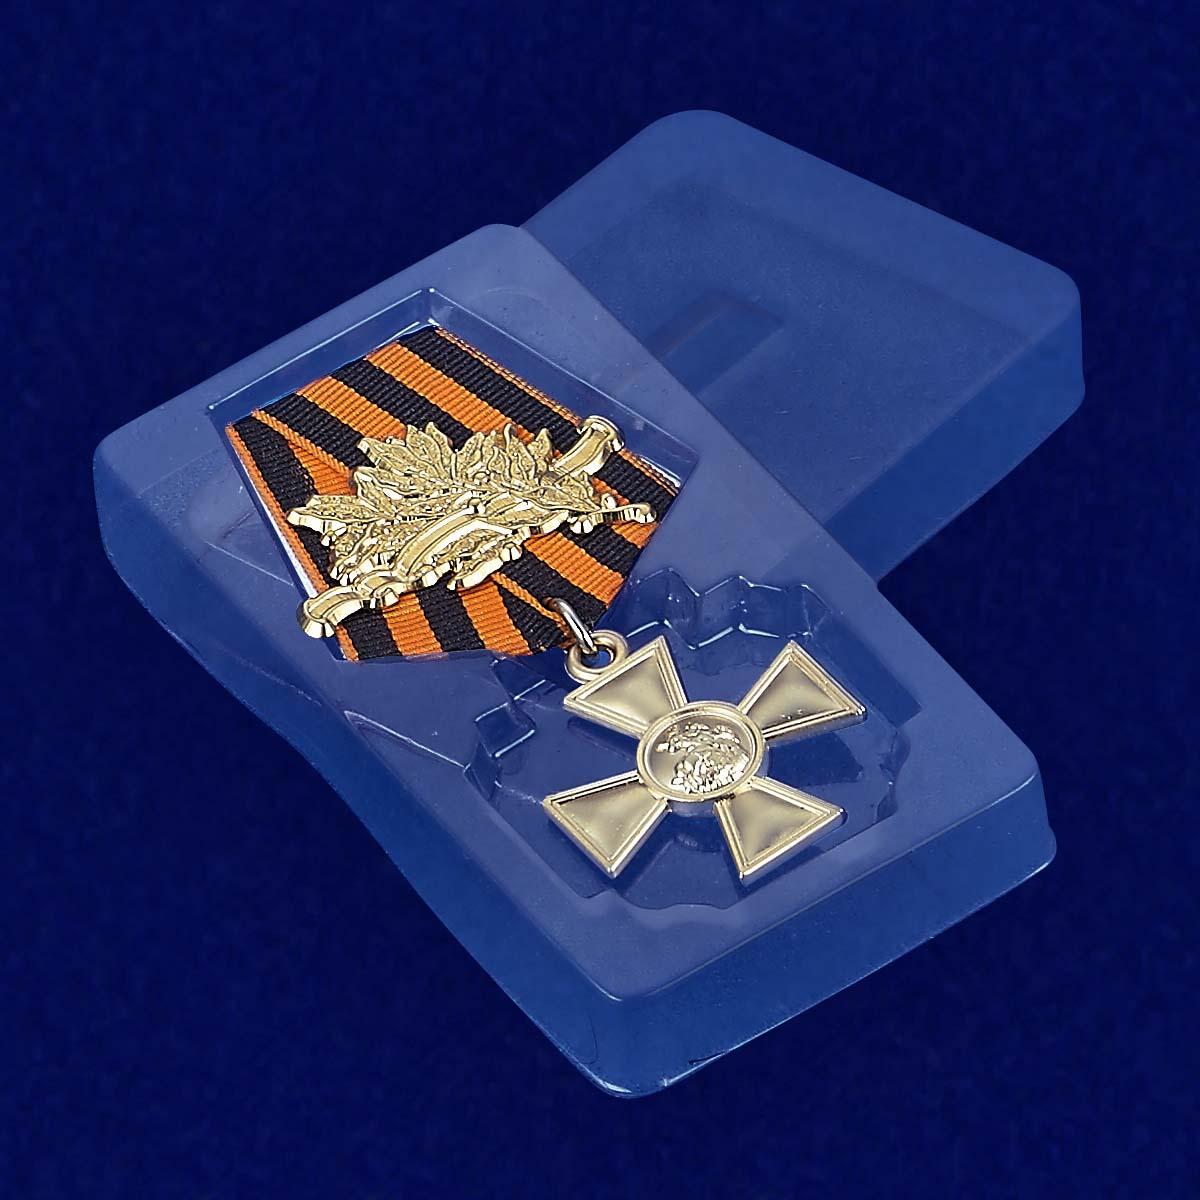 Футляр к георгиевскому кресту 1 степени (с лавровой ветвью)